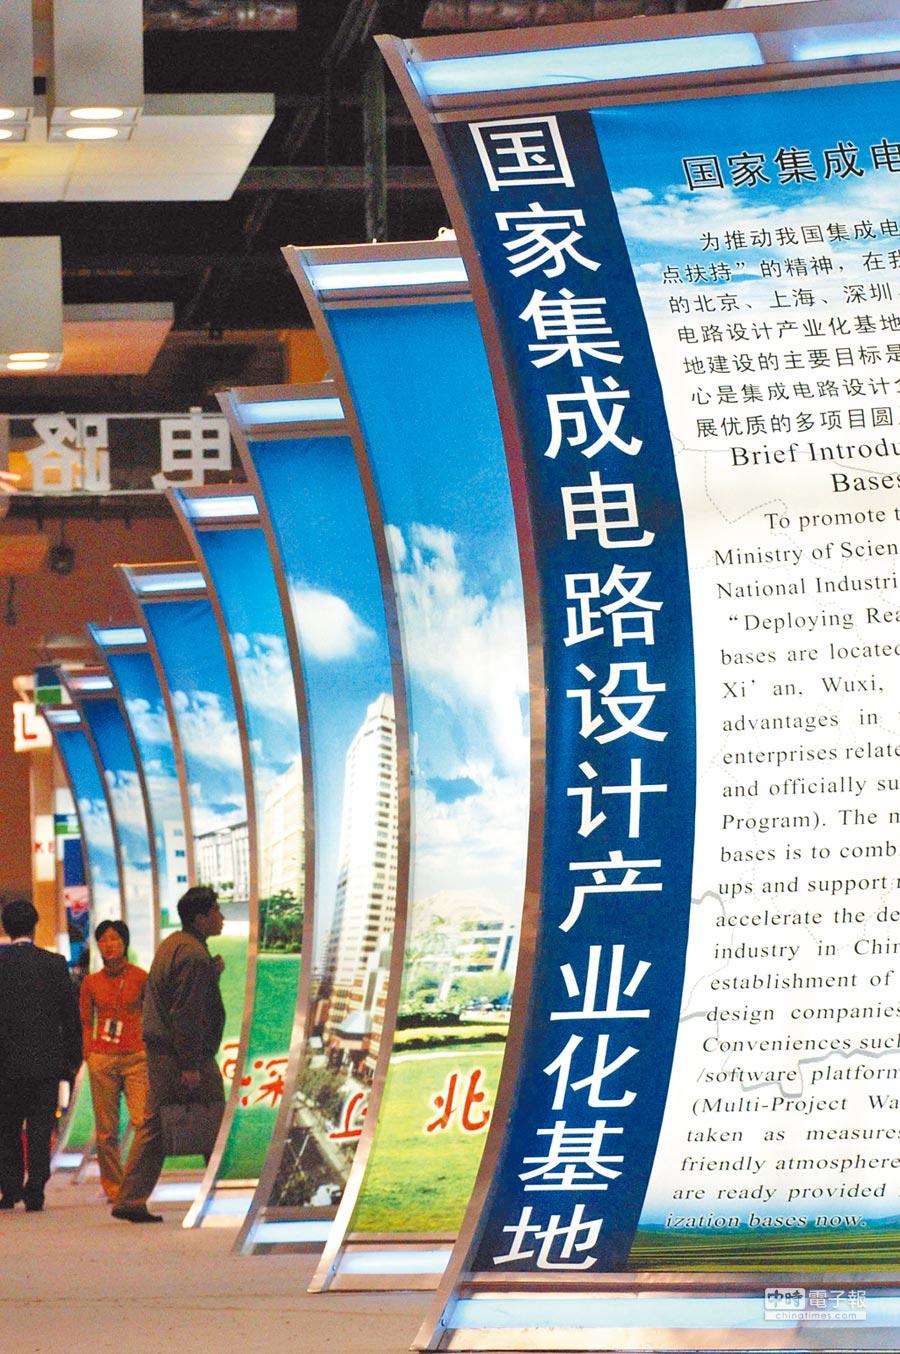 上海完成組建積體電路裝備材料基金。圖為2003年在上海舉辦積體電路產業鏈專業大展一景。(CFP)